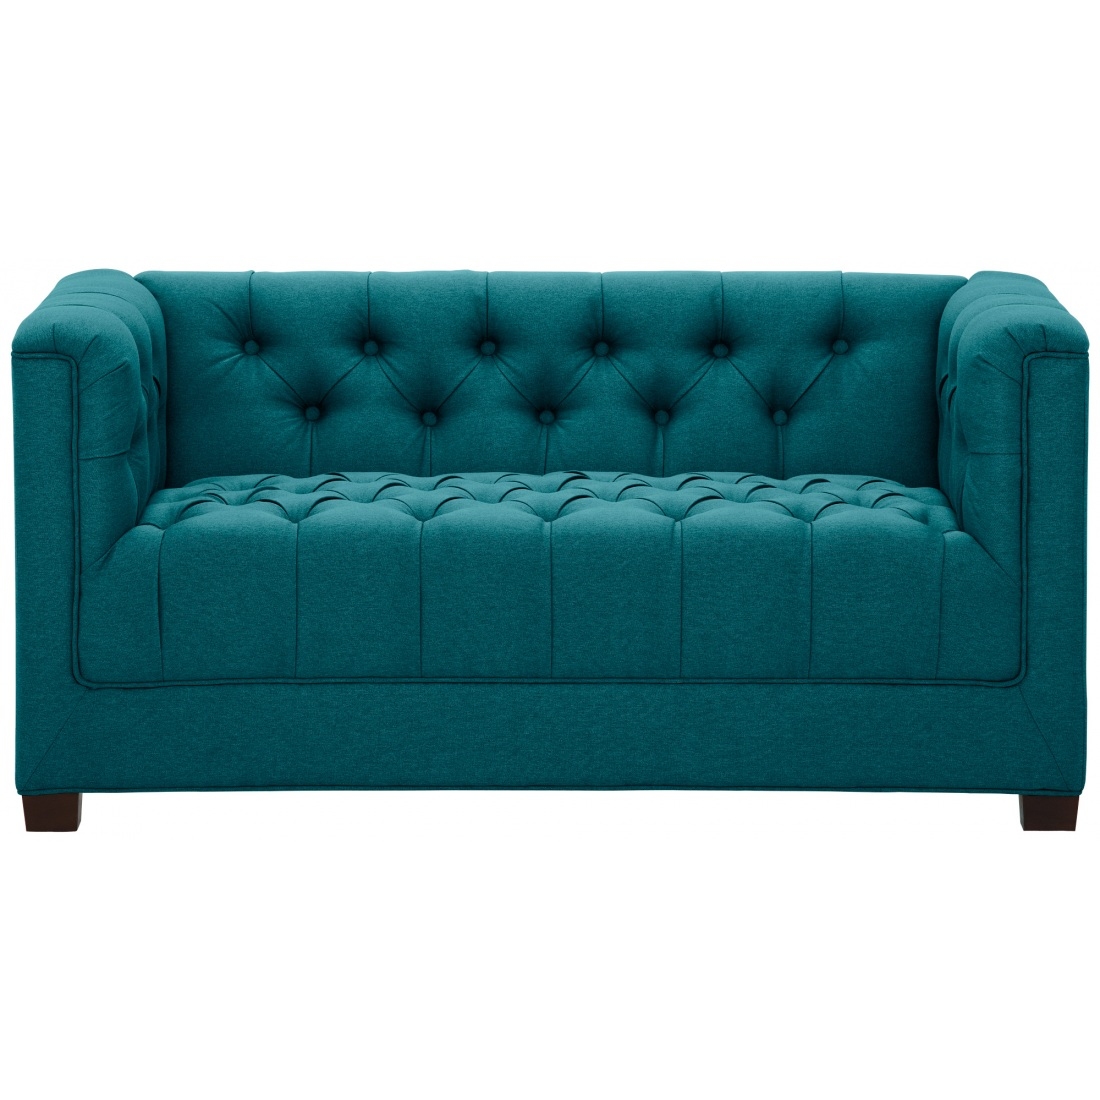 Full Size of 2 Sitzer Sofa Trkis Designer Couch Moebel Liebecom Mit Elektrischer Sitztiefenverstellung Auf Raten Poco Big Stoff Landhausstil Polster Englisches überzug Sofa Sofa Türkis